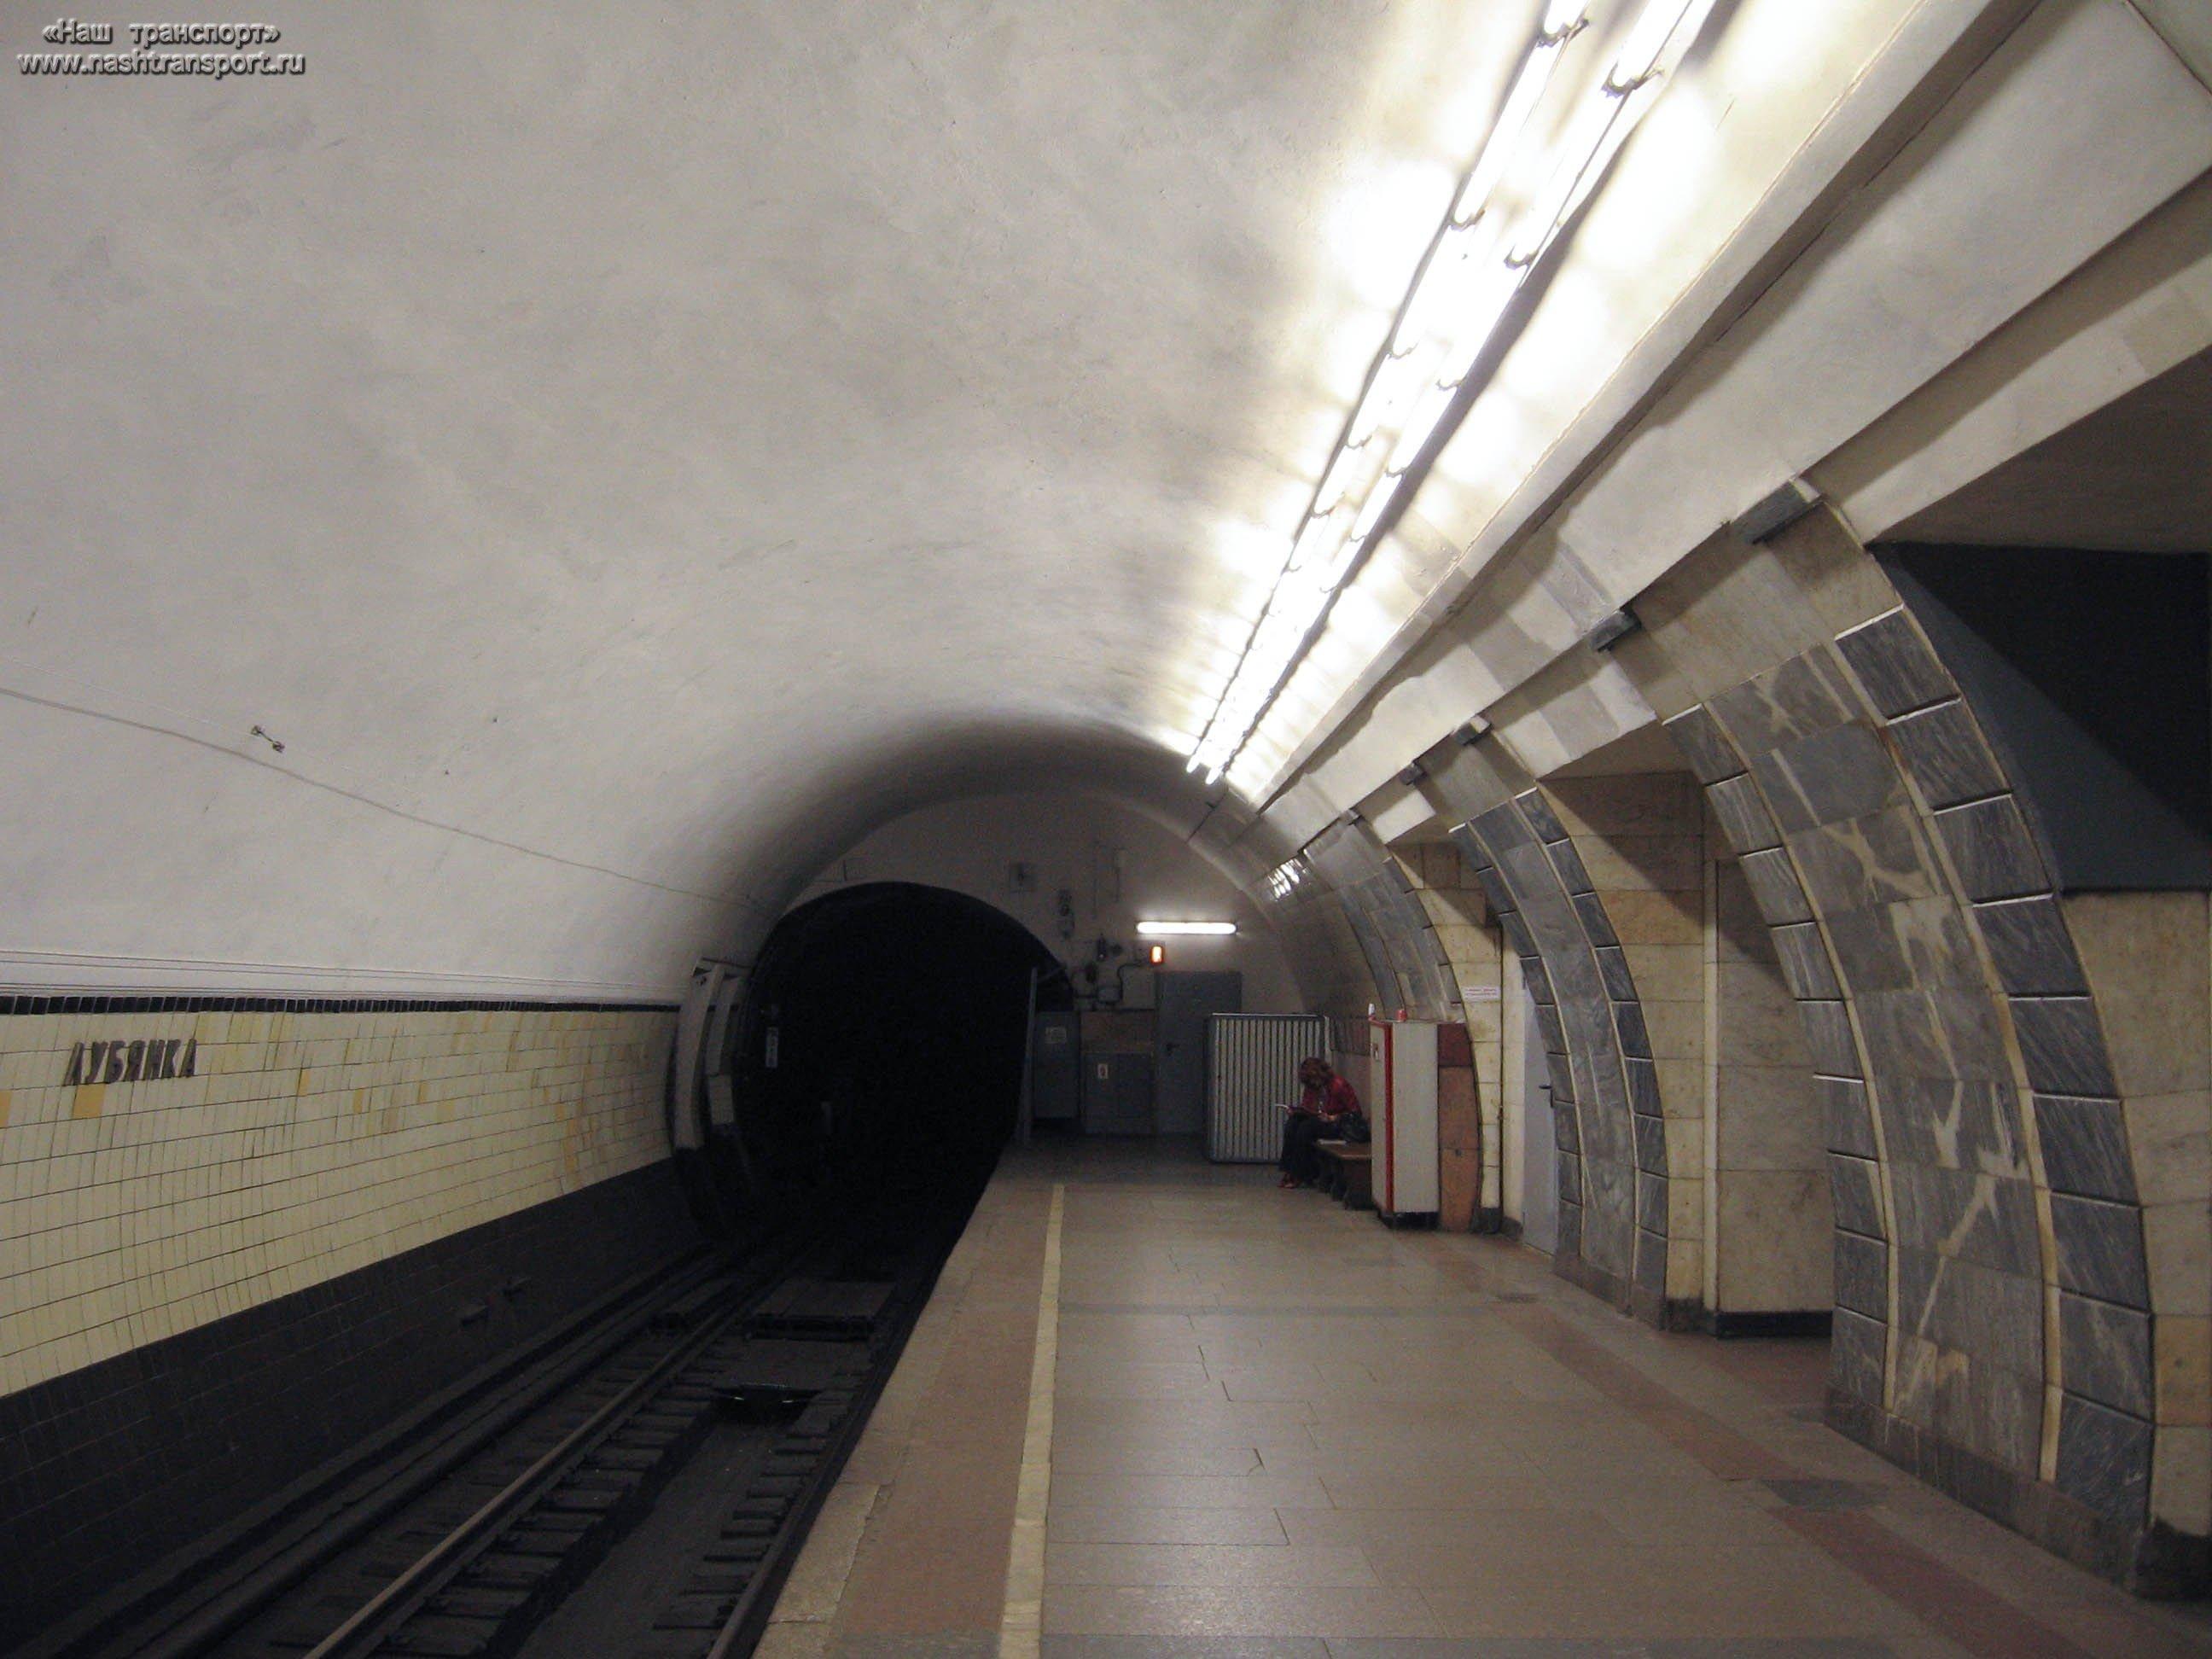 Настанции метро «Лубянка» в столице России человек упал нарельсы